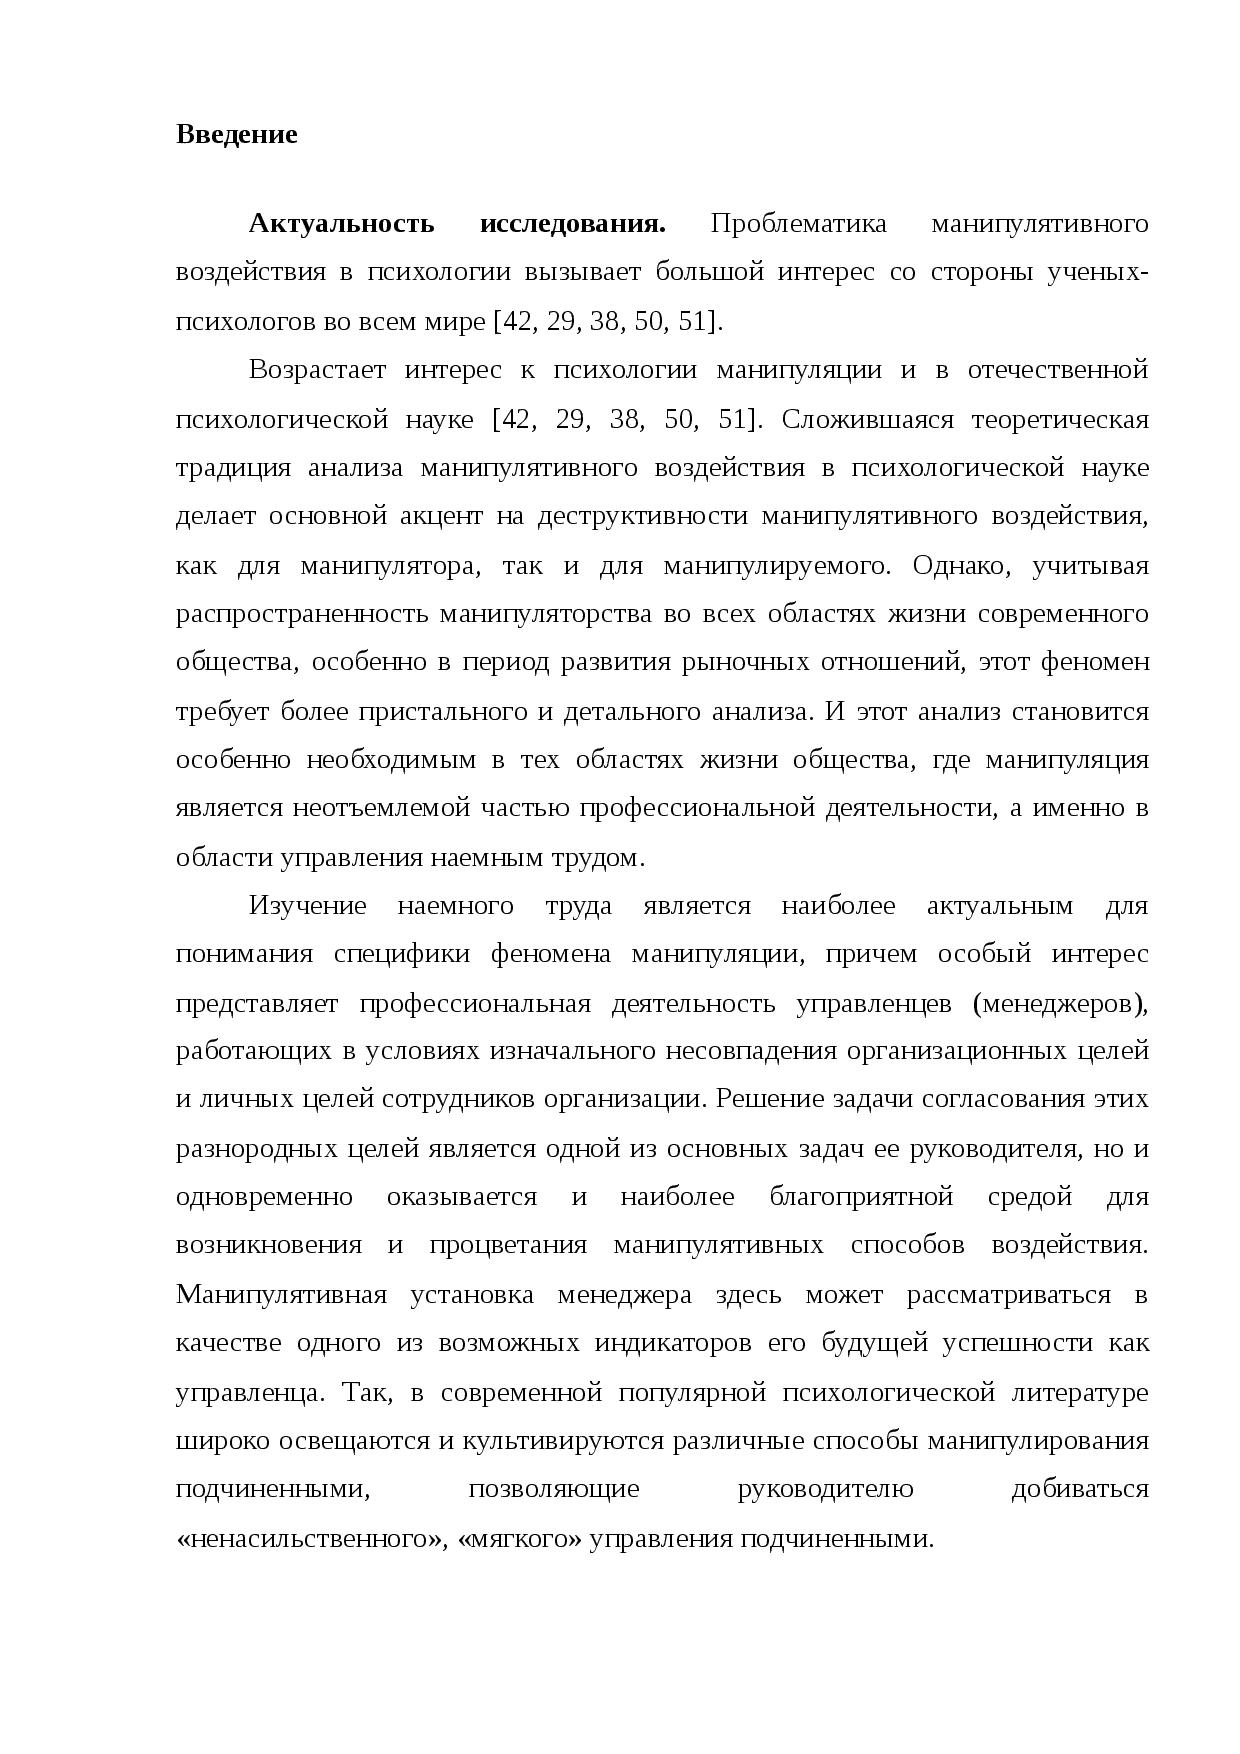 Манипулятор психология